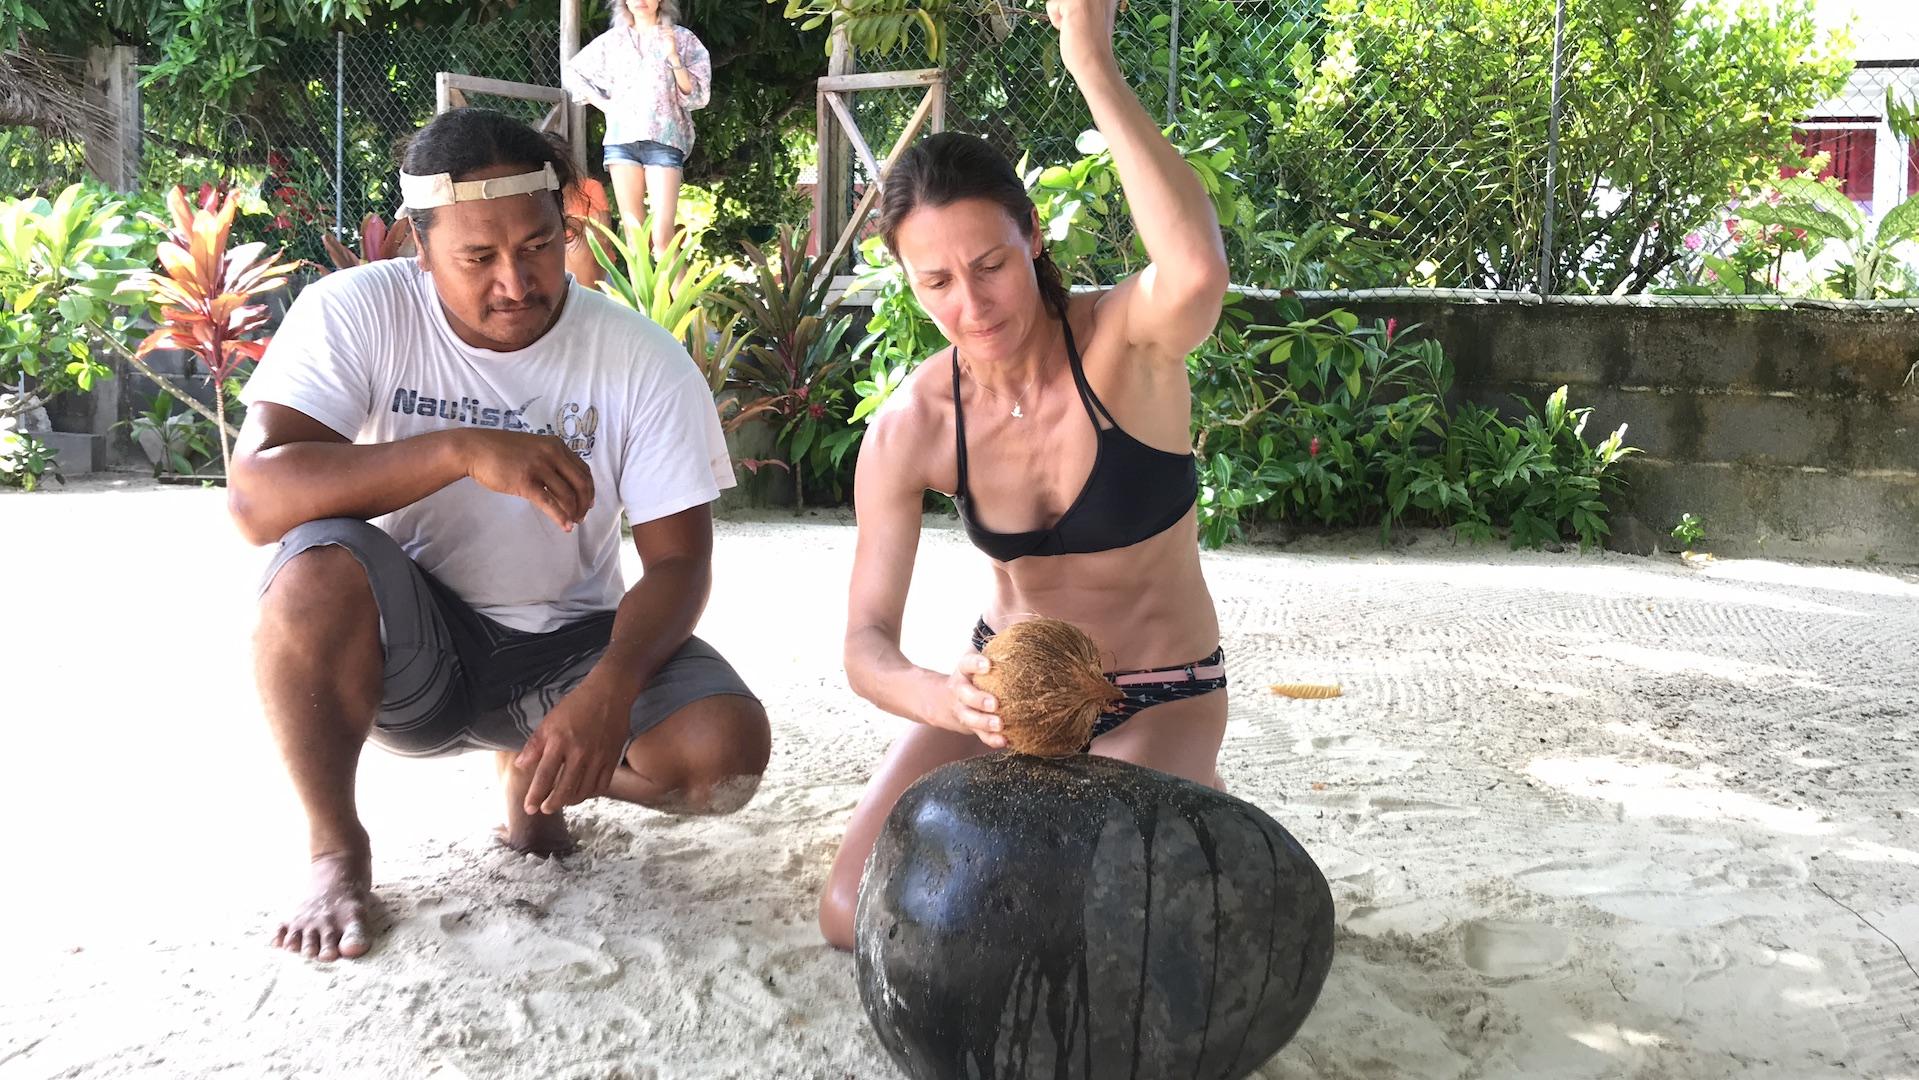 Frau versucht eine Kokosnuss aufzuschlagen mit der Hand, Maupiti